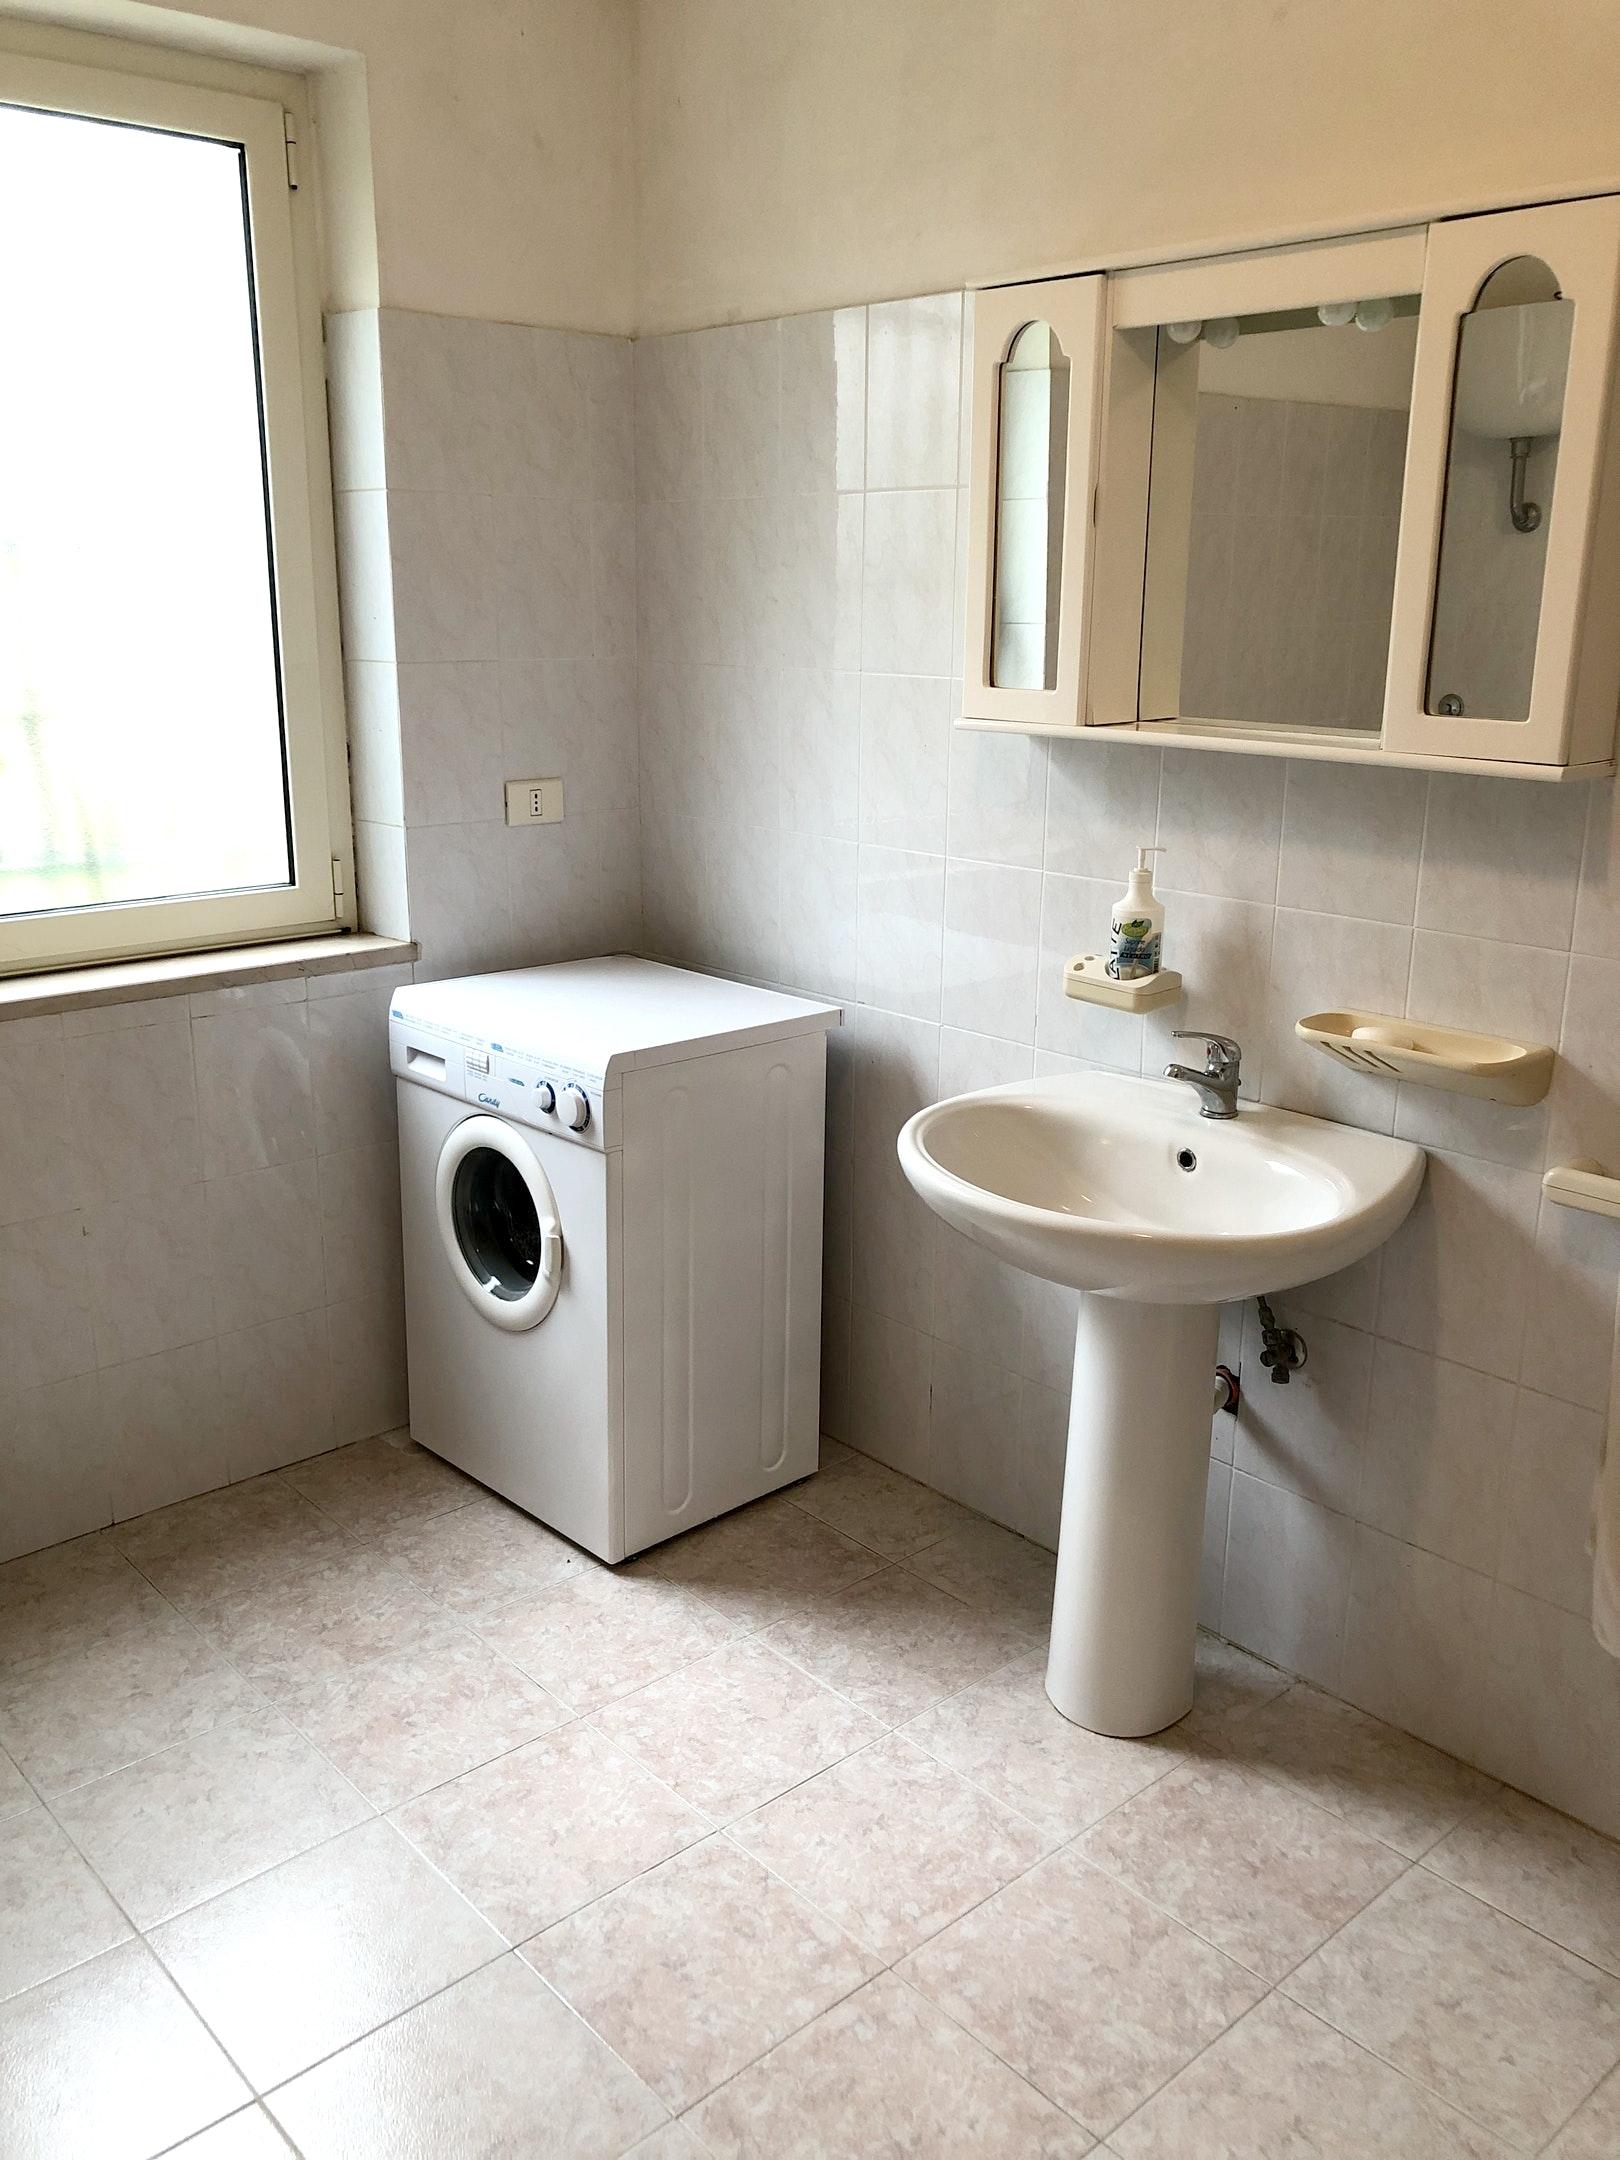 Ferienhaus Haus mit 3 Schlafzimmern in Montenero di bisaccia mit herrlichem Meerblick und eingezäunte (2524275), Montenero di Bisaccia, Campobasso, Molise, Italien, Bild 26